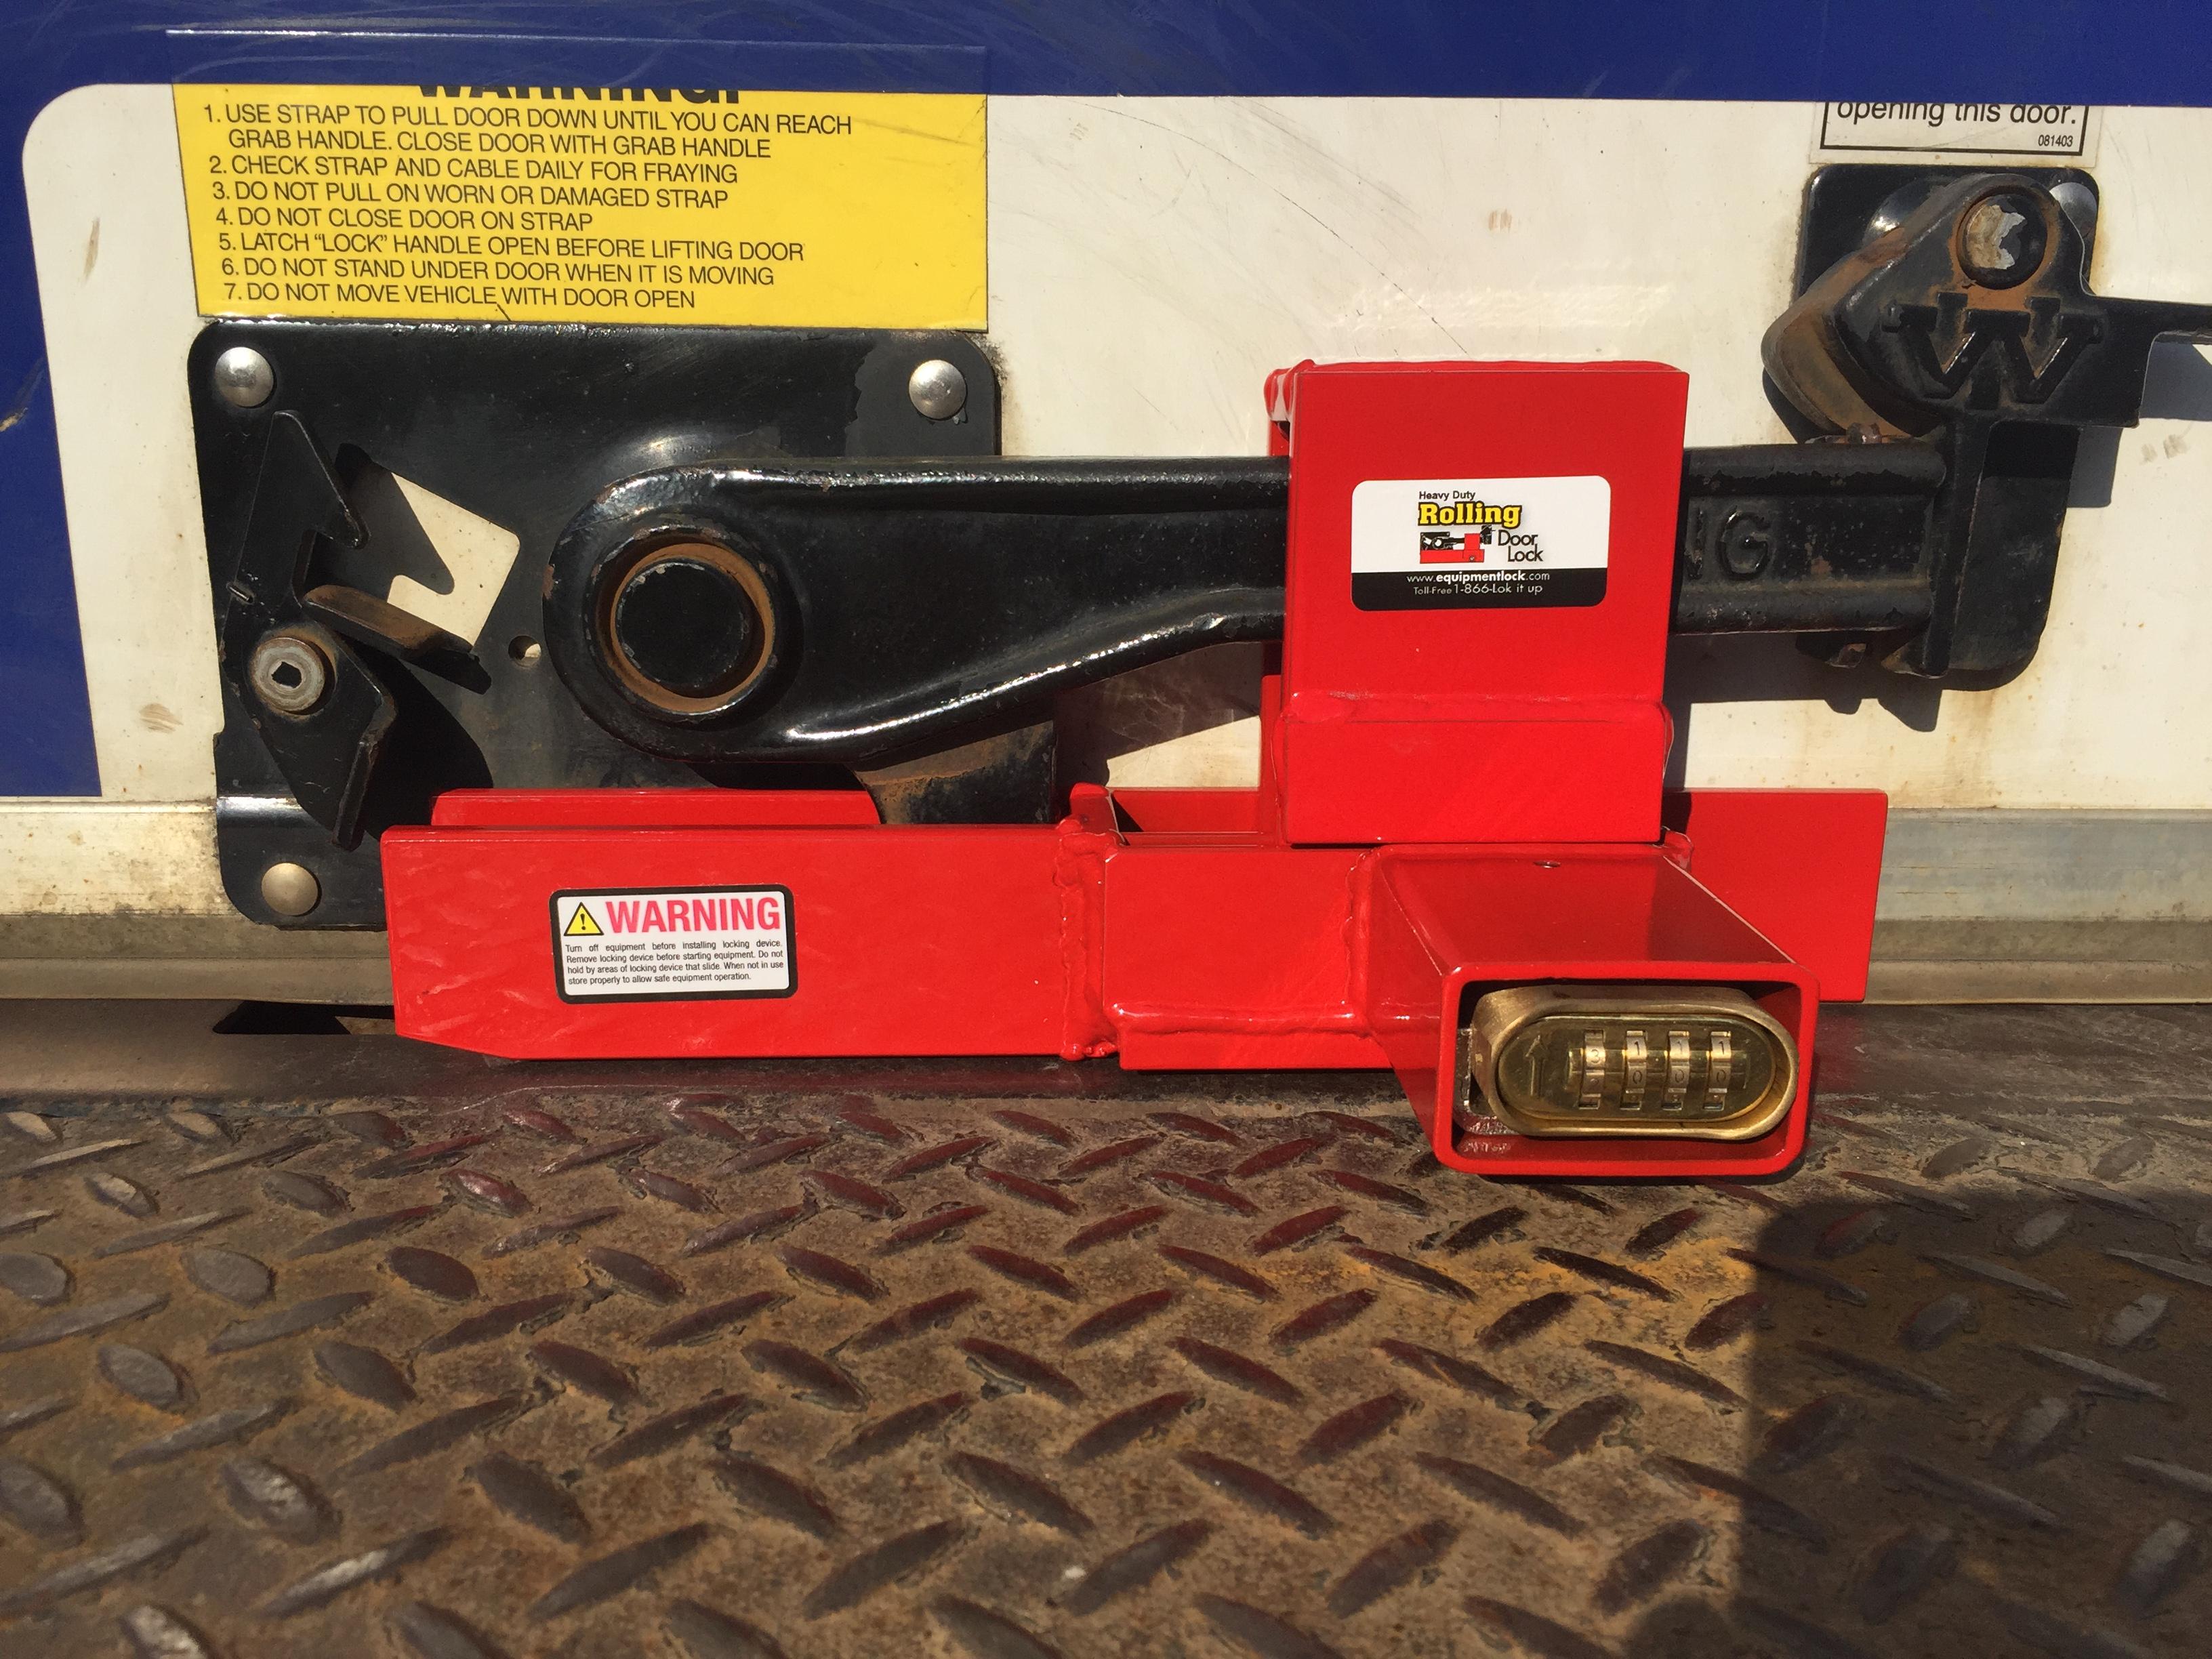 Heavy Duty Rolling Door Lock The Equipment Lock Company